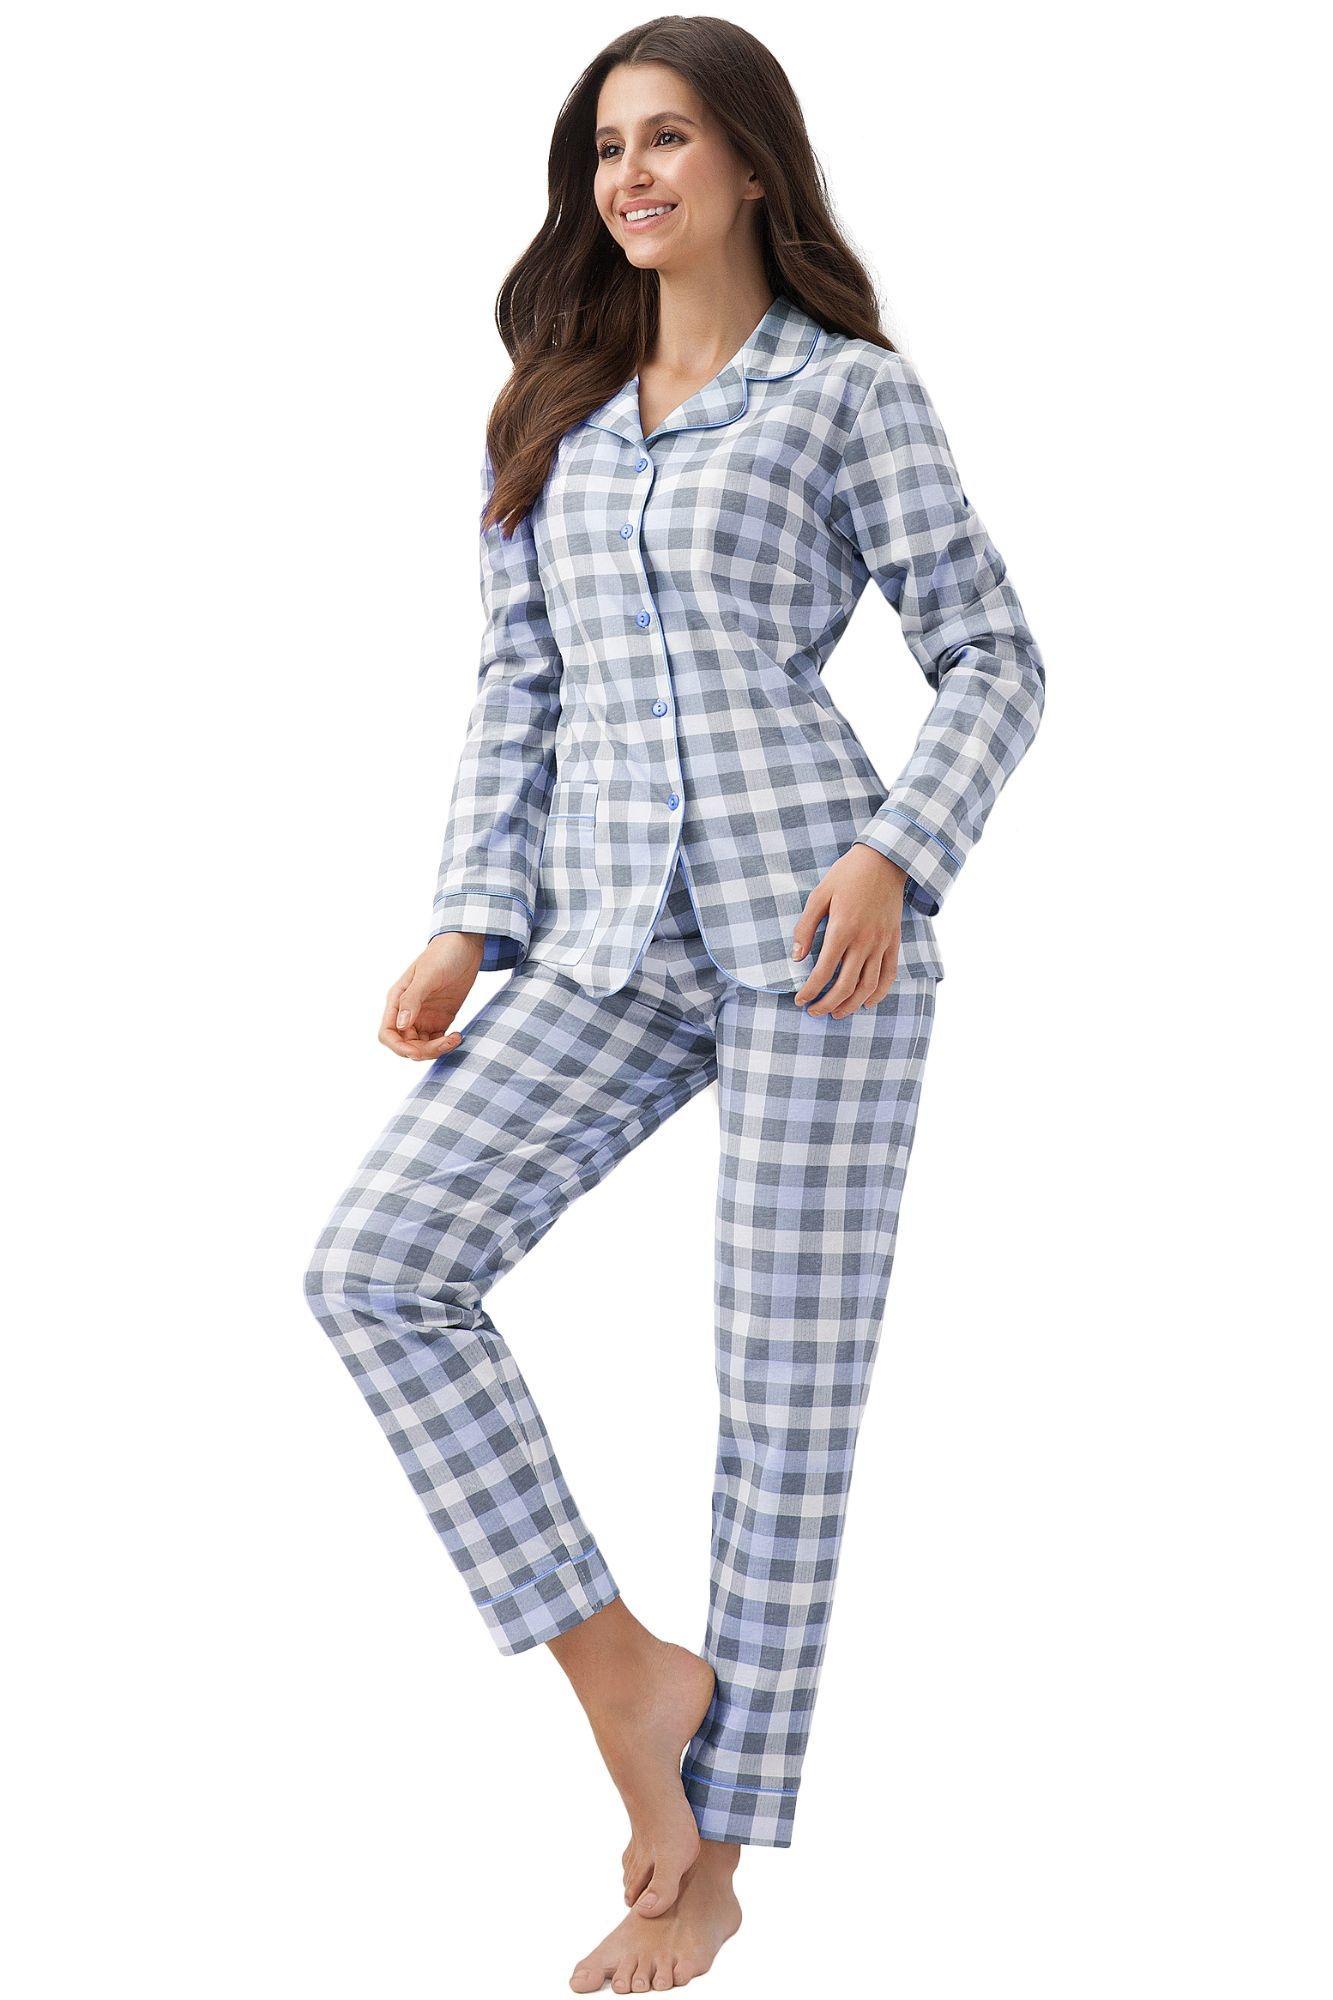 női pizsama kockás nadrággal